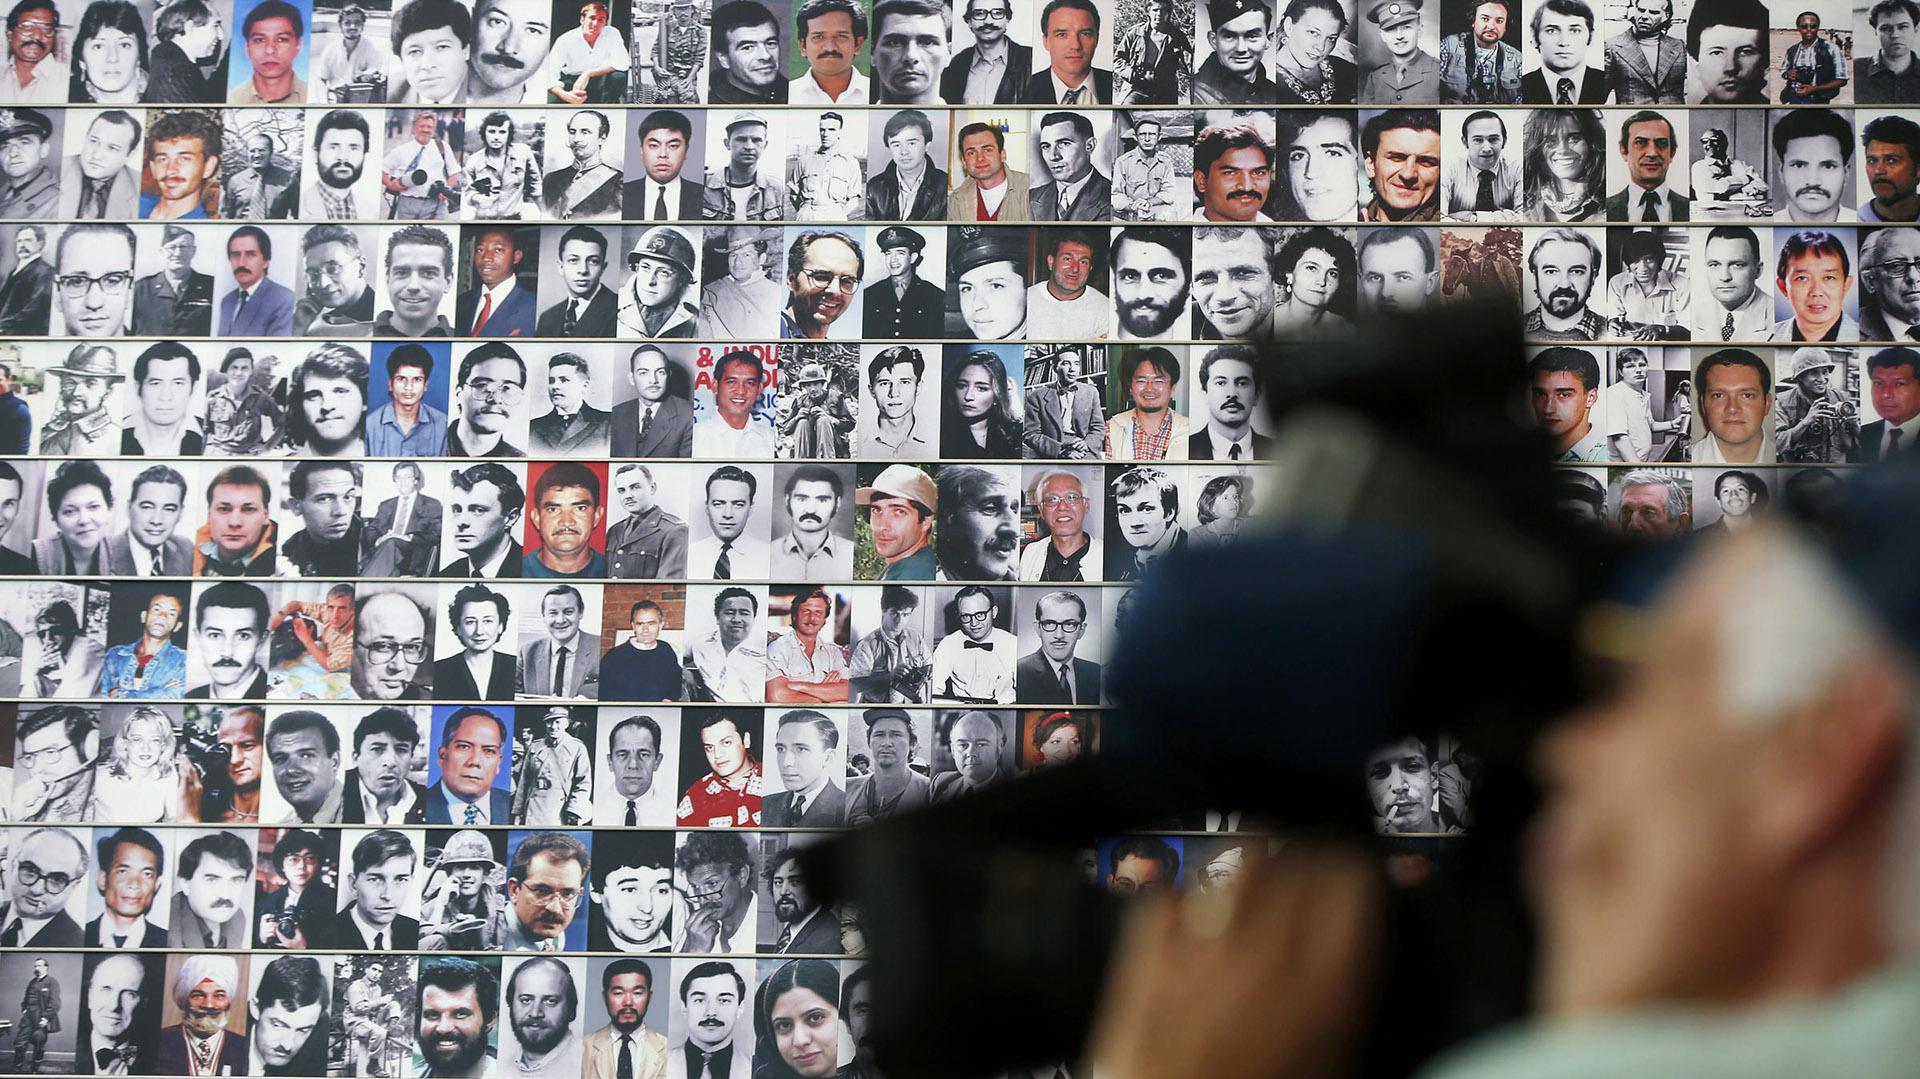 Una pared cubierta de fotos de periodistas asesinados por informar, en el Newseum de Washington DC (AP Photo/Charles Dharapak)